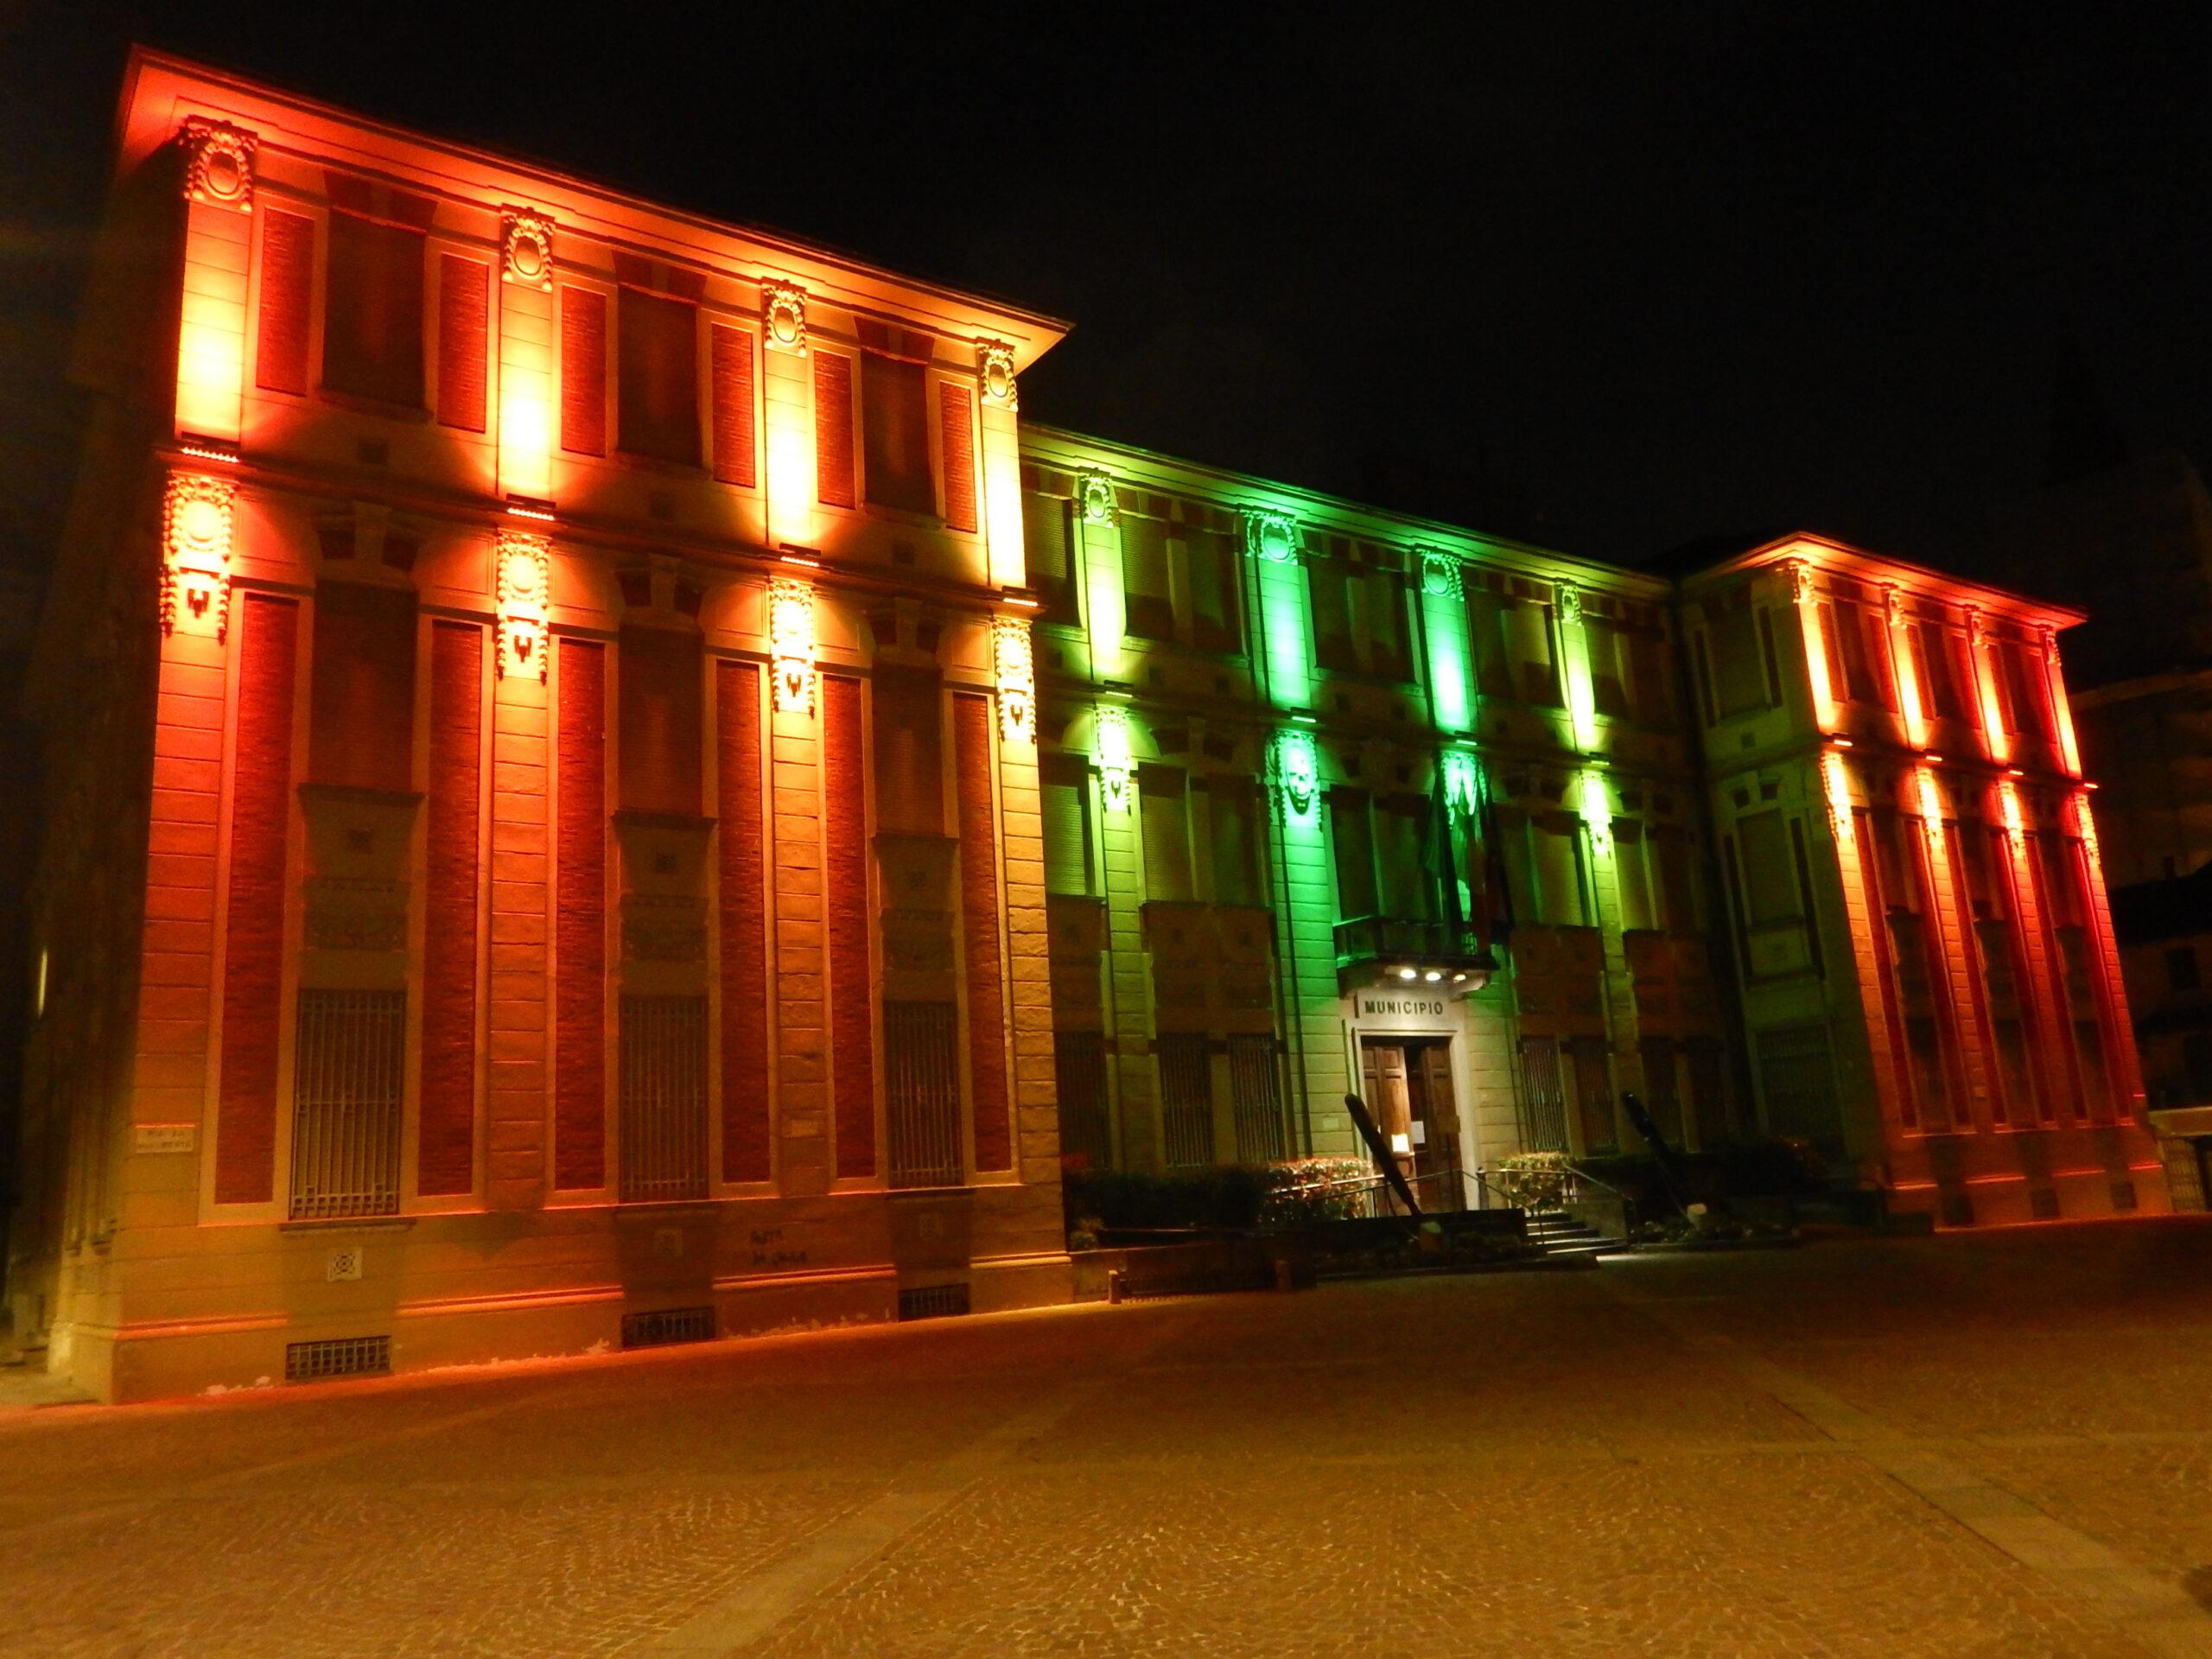 Municipio Settimo Torinese